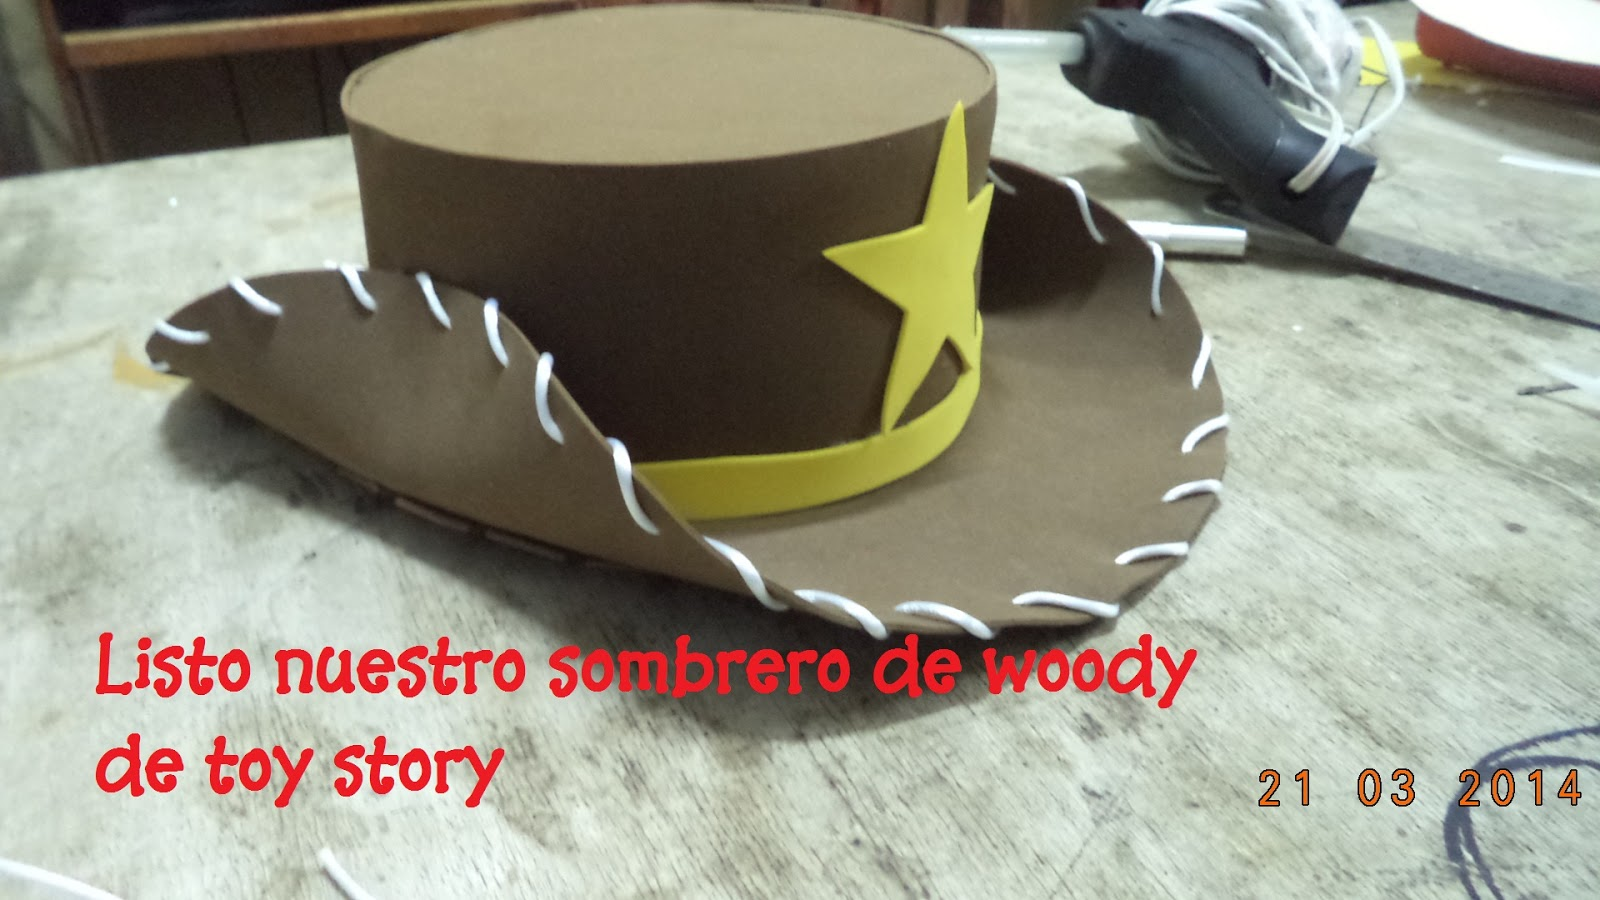 Creaciones Samadith Peru  SOMBRERO WOODY TOY STORY ab0c36c9623